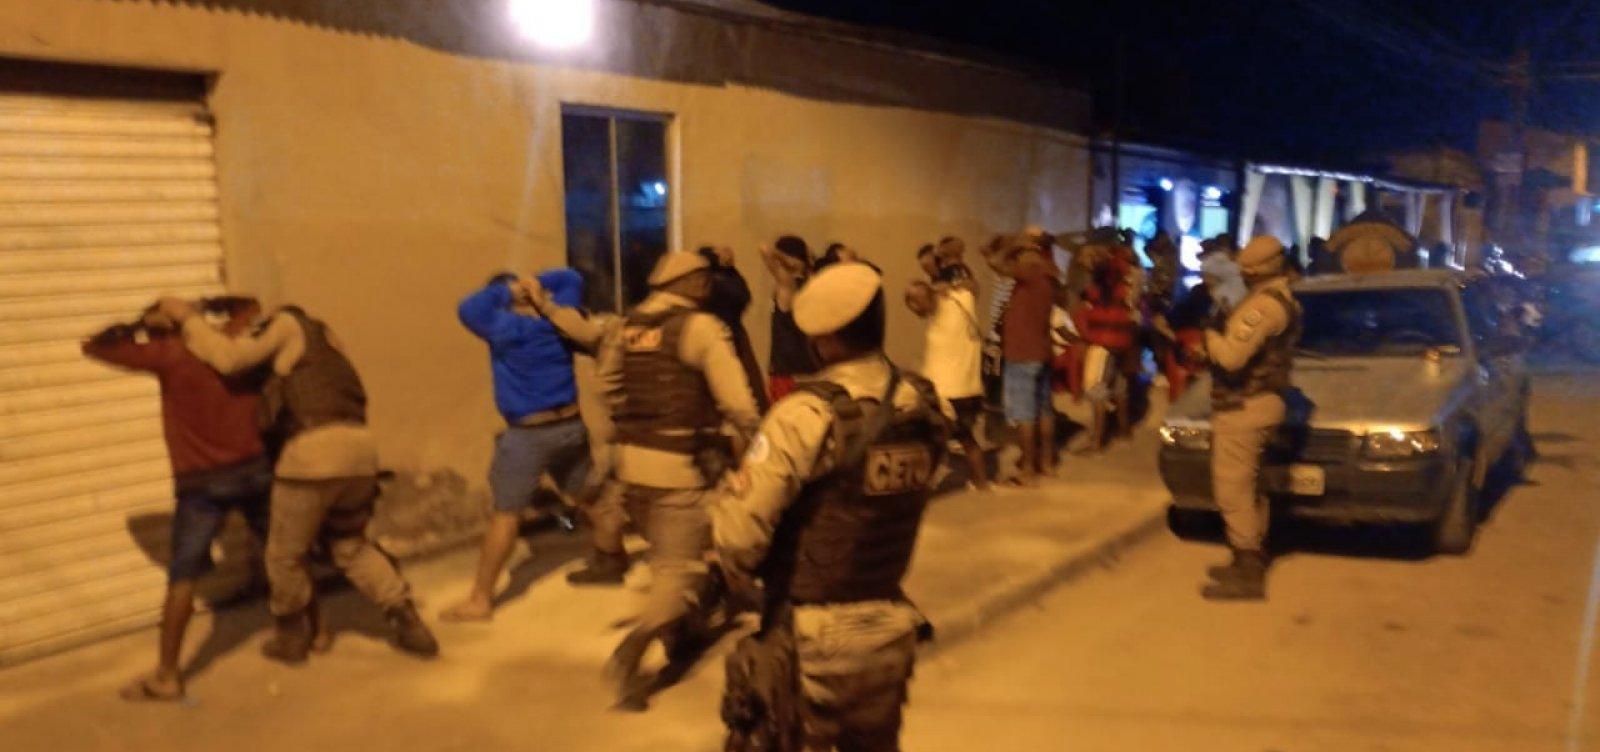 Festa paredão com mais de 300 pessoas é encerrada com polícia e bomba de gás